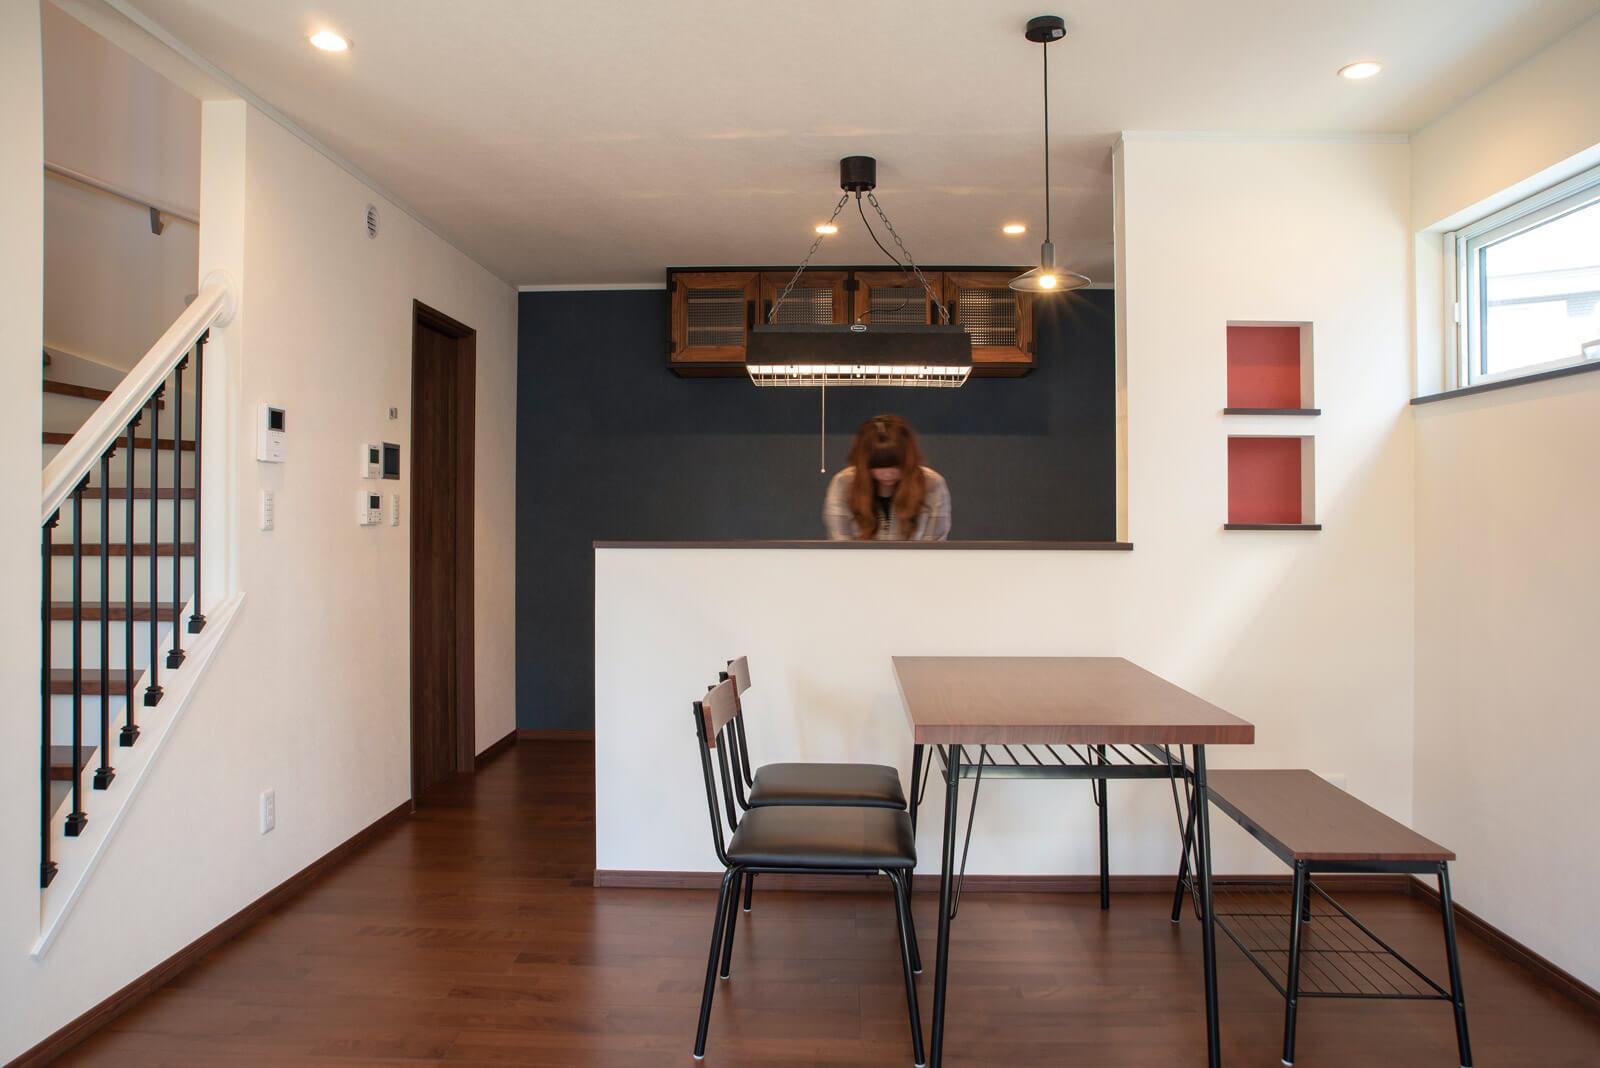 アンティークな雰囲気の吊り戸棚や照明は施主が調達。細部のデザインにもこだわったキッチン